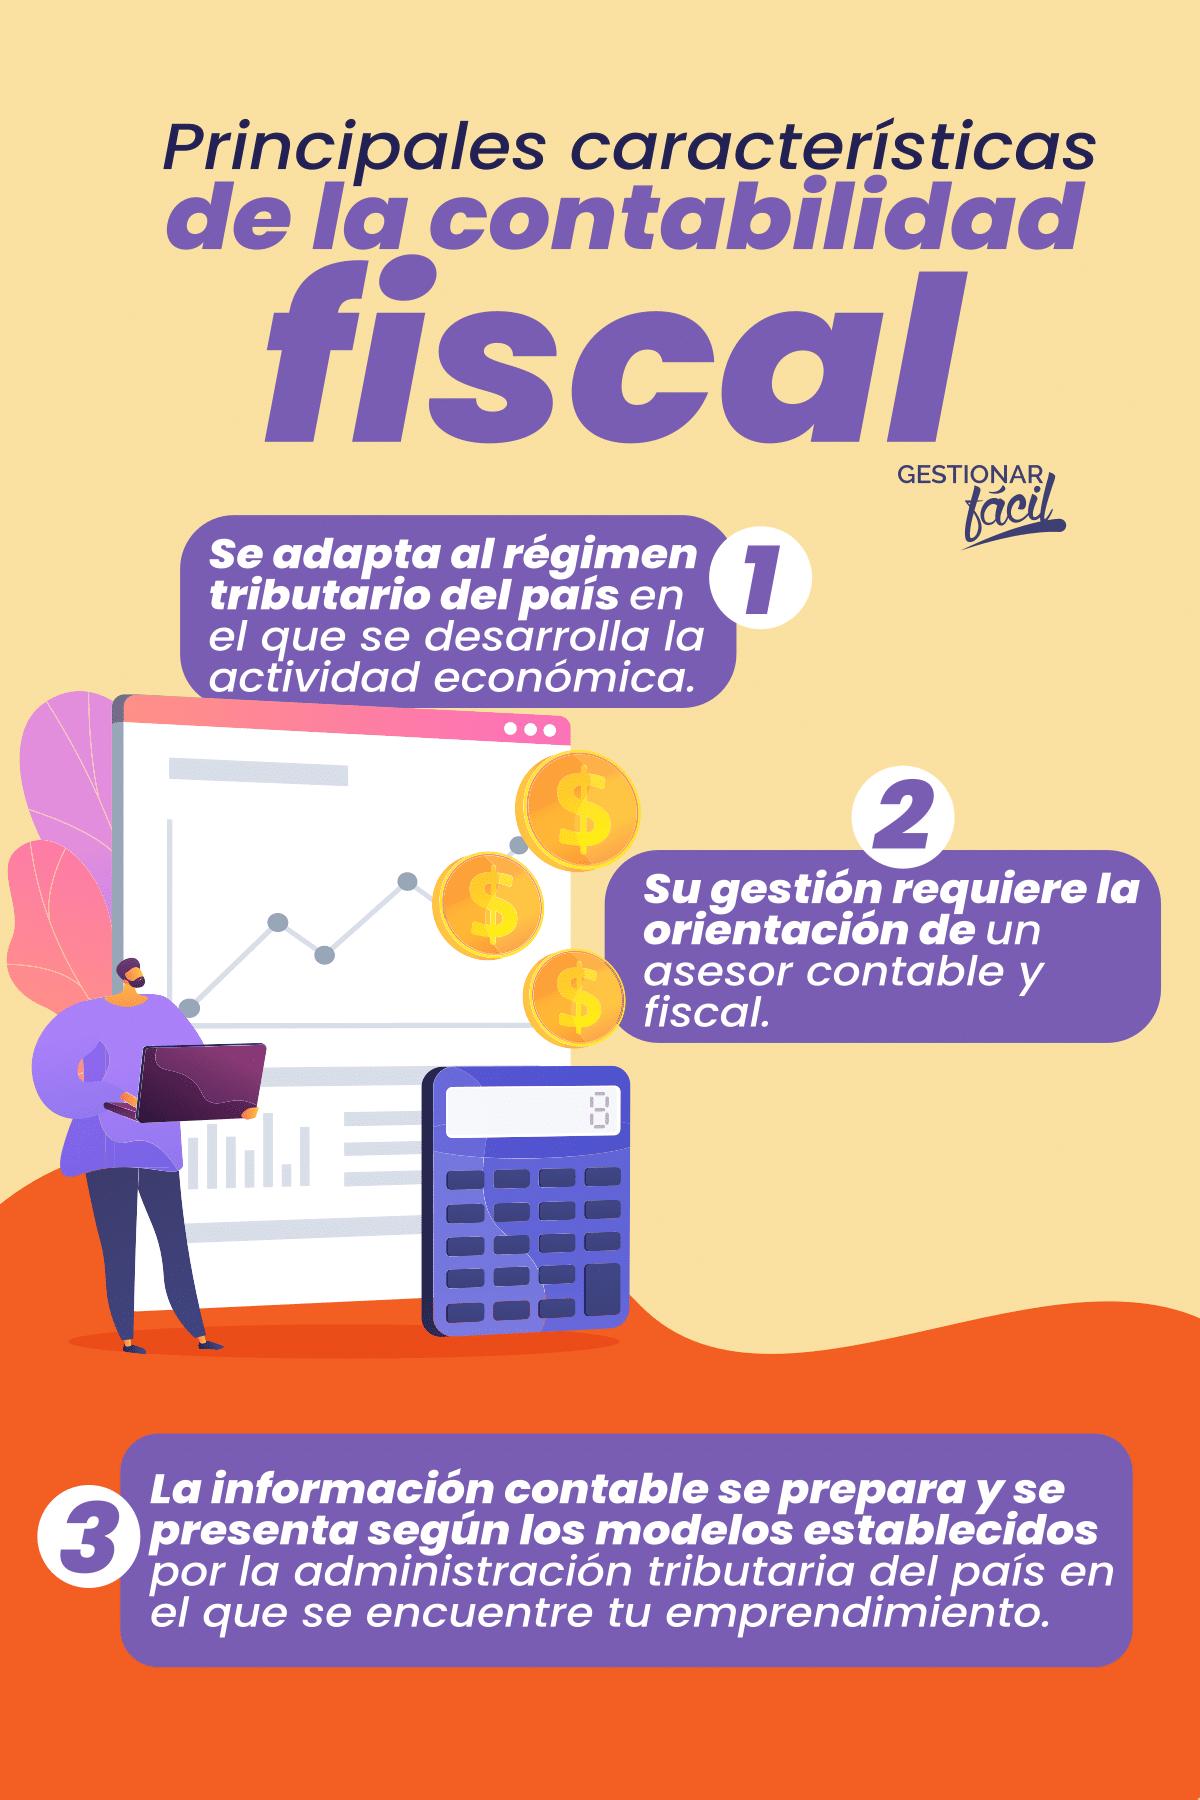 Principales características de la contabilidad fiscal.